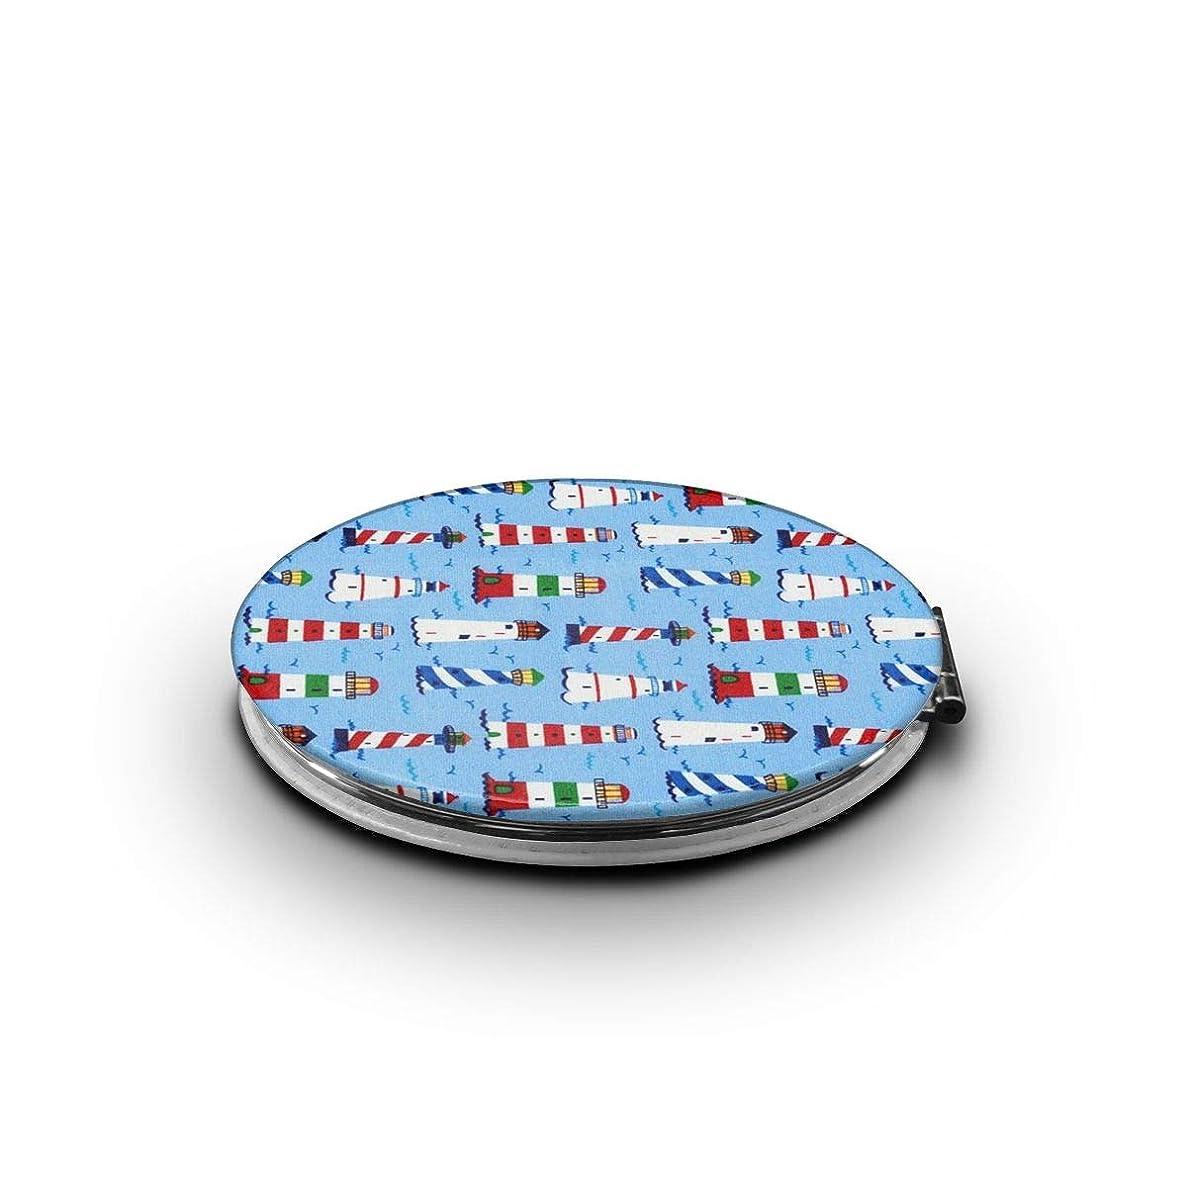 ベリー連帯電極携帯ミラー 灯塔ミニ化粧鏡 化粧鏡 3倍拡大鏡+等倍鏡 両面化粧鏡 楕円形 携帯型 折り畳み式 コンパクト鏡 外出に 持ち運び便利 超軽量 おしゃれ 9.0X6.6CM